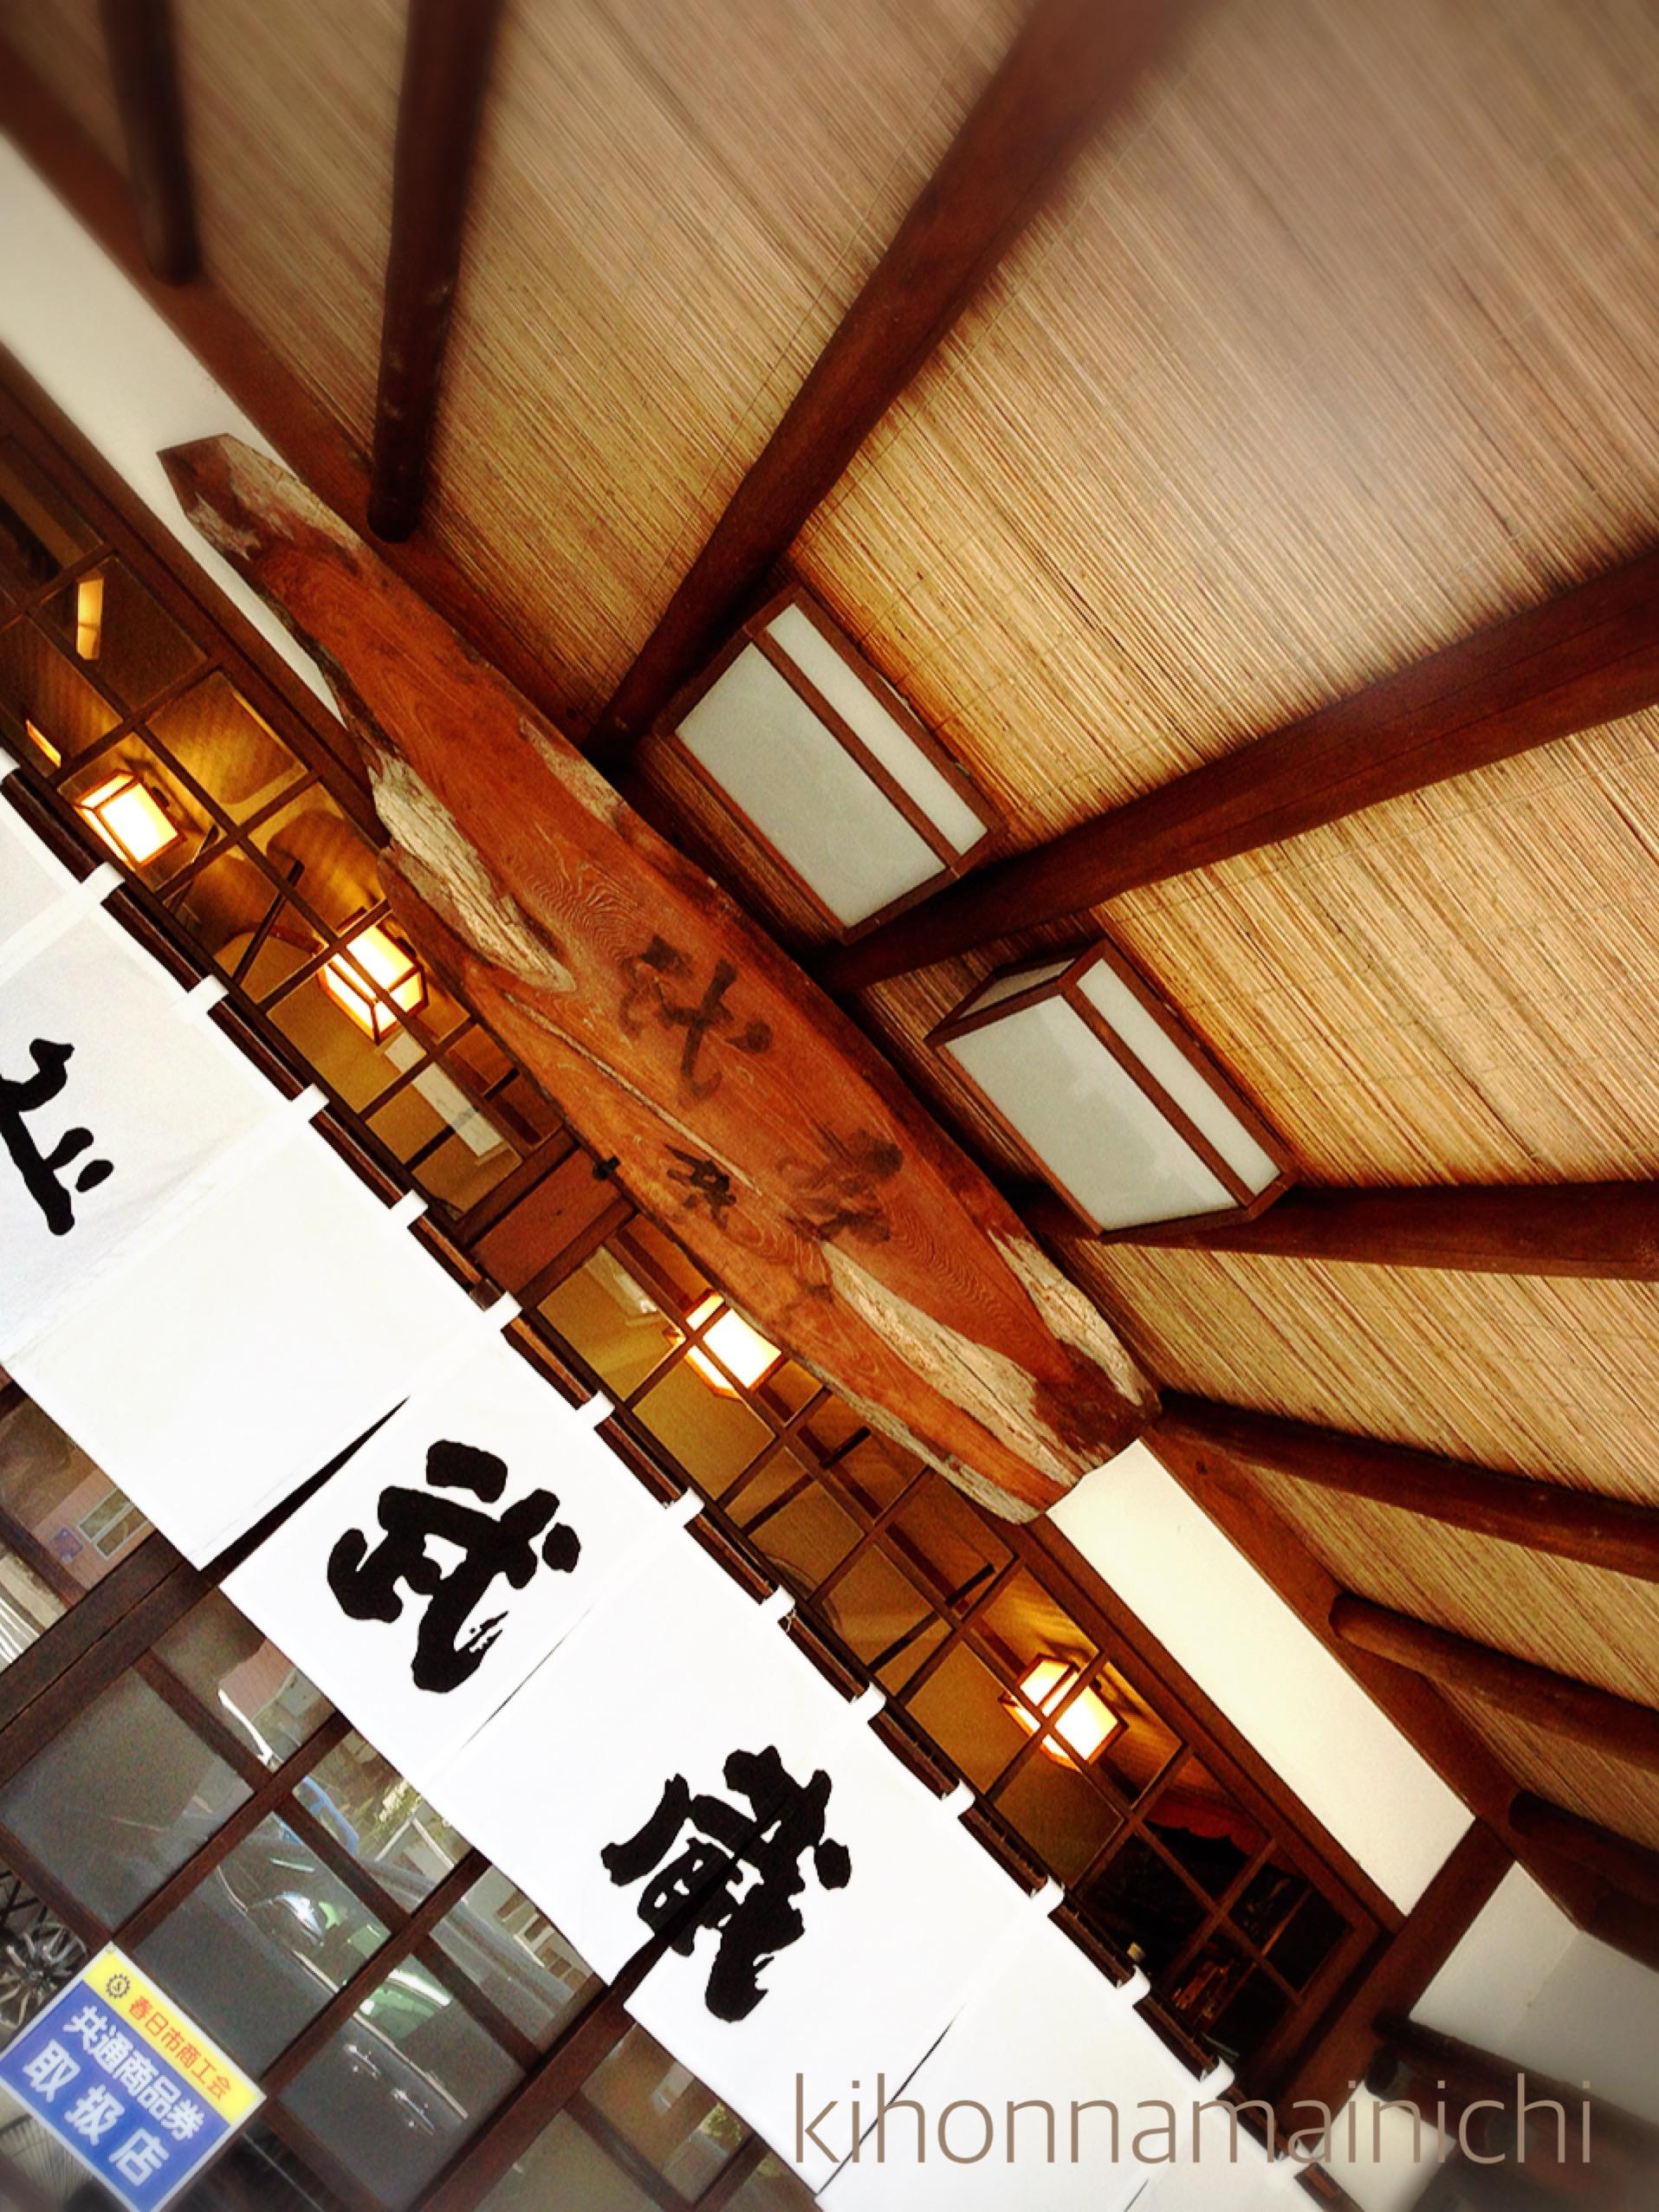 【武蔵そば】春日でおいしい蕎麦が食べたくなったらここに行くっ!